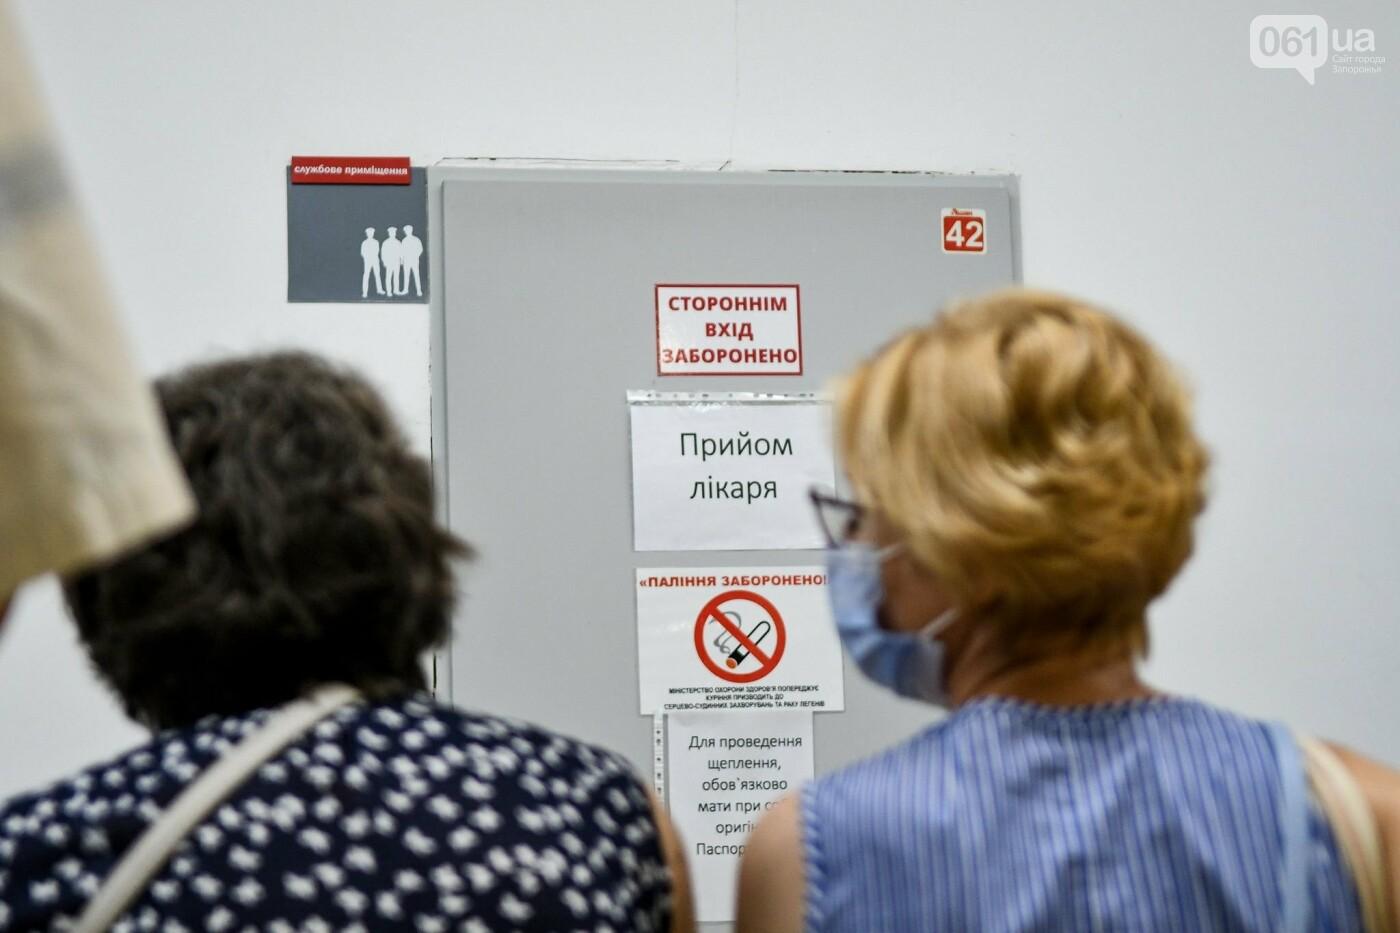 """В Запорожье в """"CITY MALL"""" открылся центр вакцинации: прививают Pfizer, сотни людей стоят в очереди, - ФОТОРЕПОРТАЖ , фото-11"""